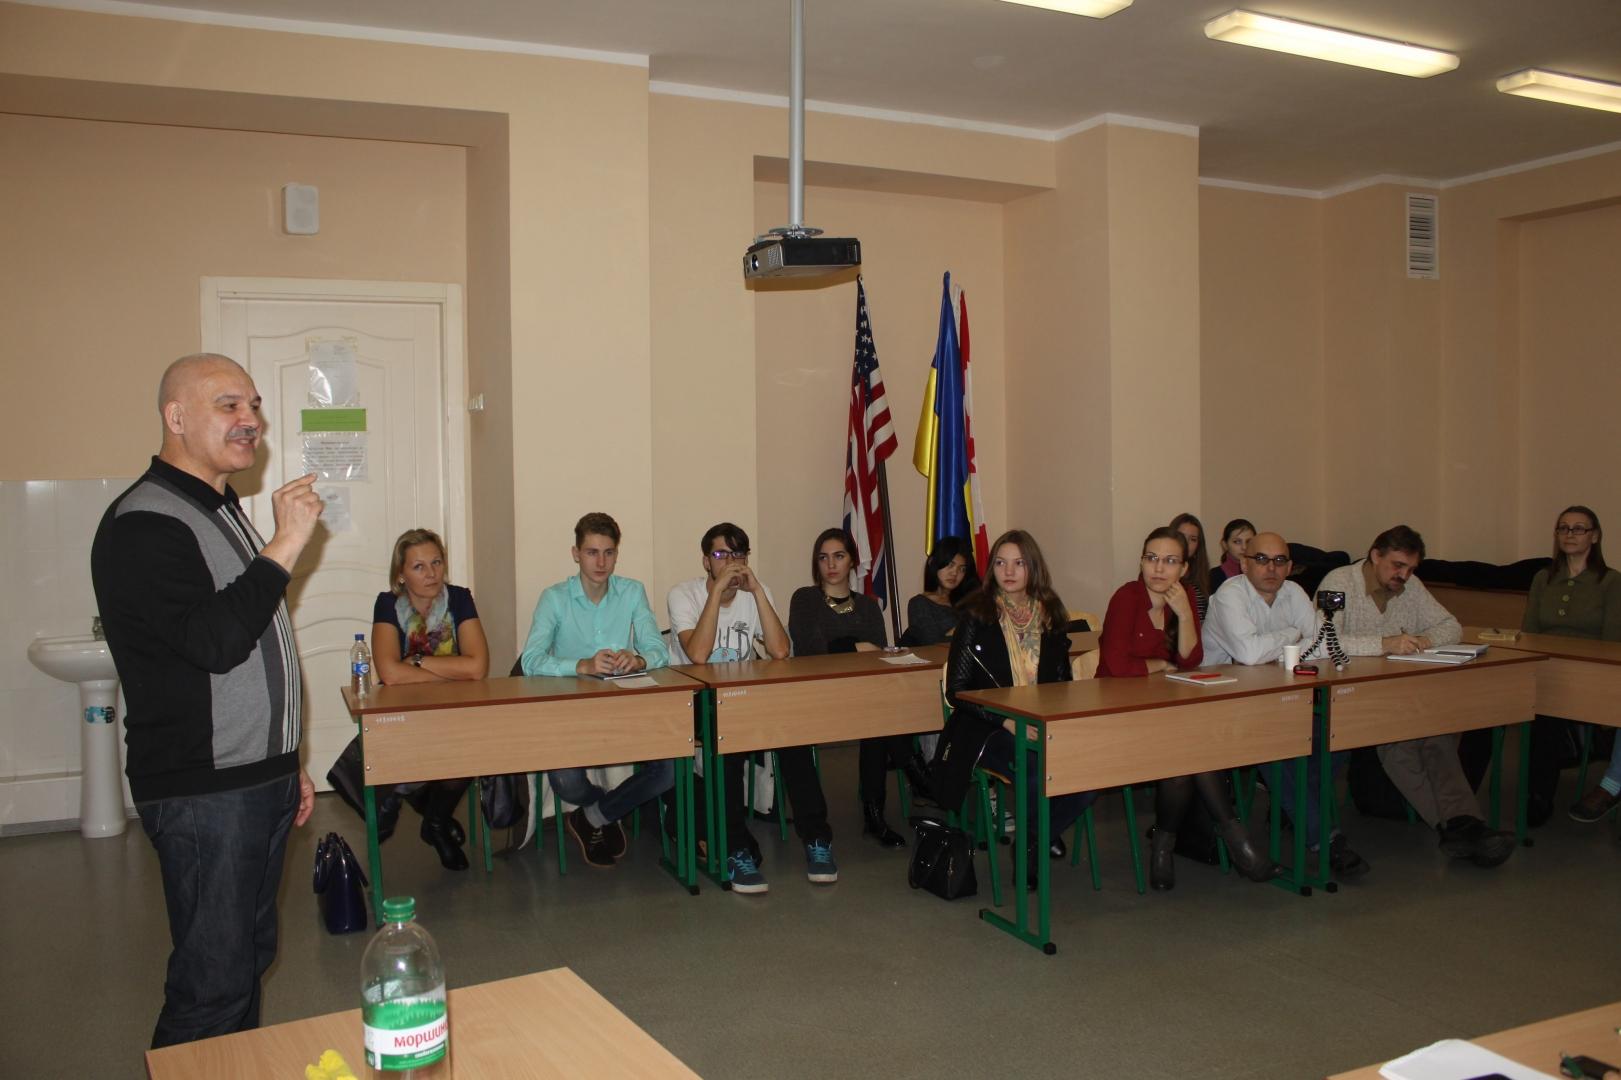 Мастер-класс по критическому мышлению для студентов в Киеве, ноябрь 2015 г